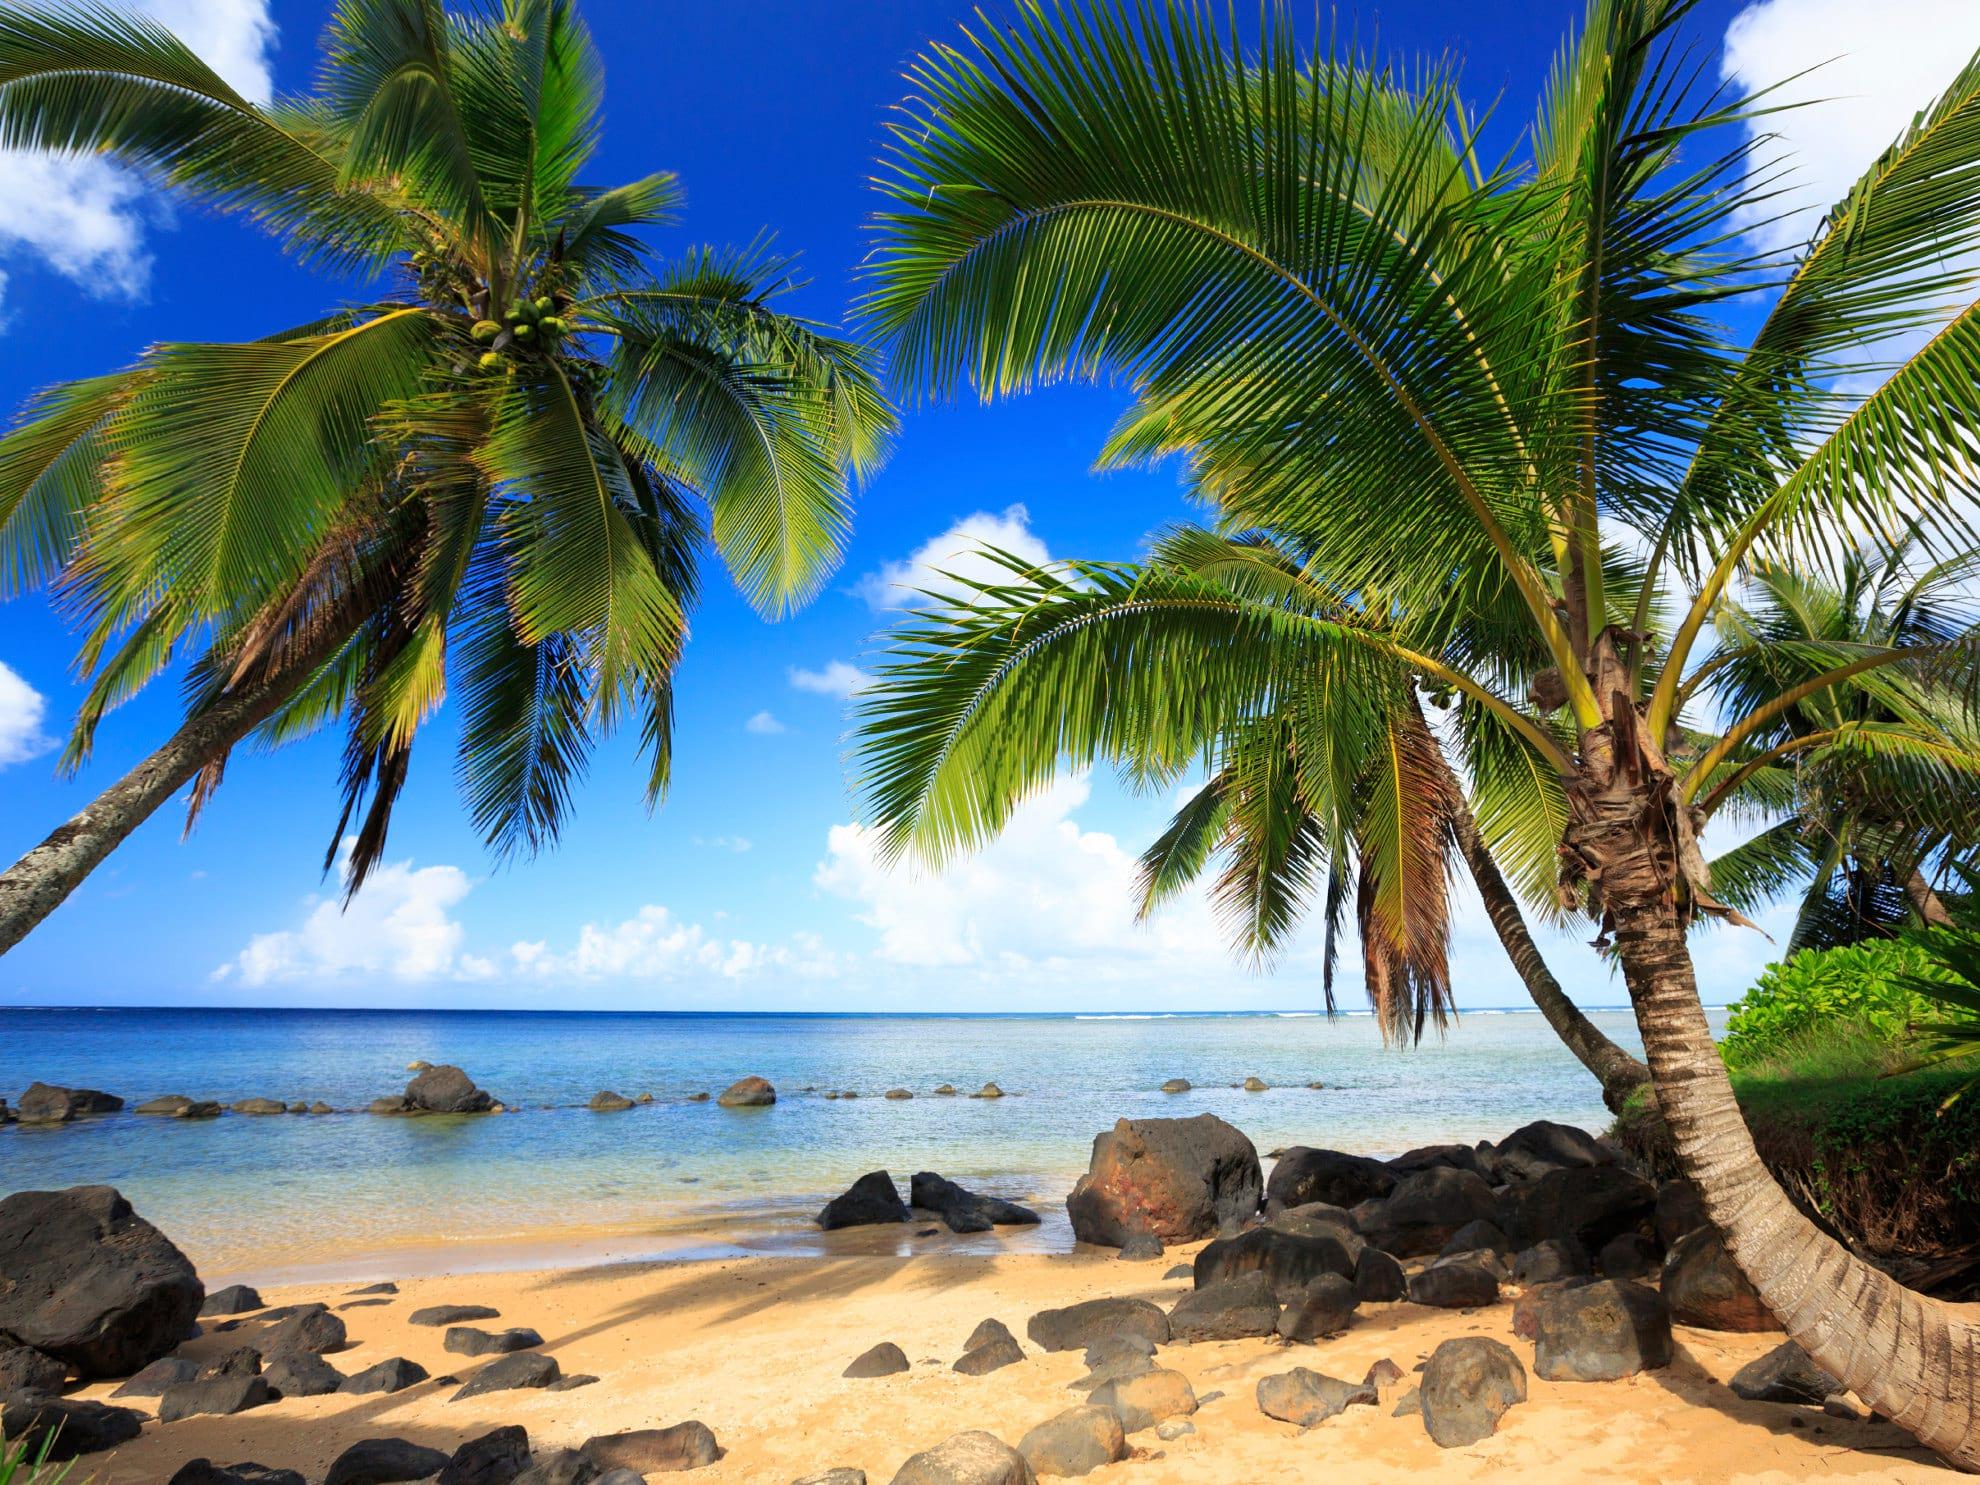 Kealakekua Bay Hawaii